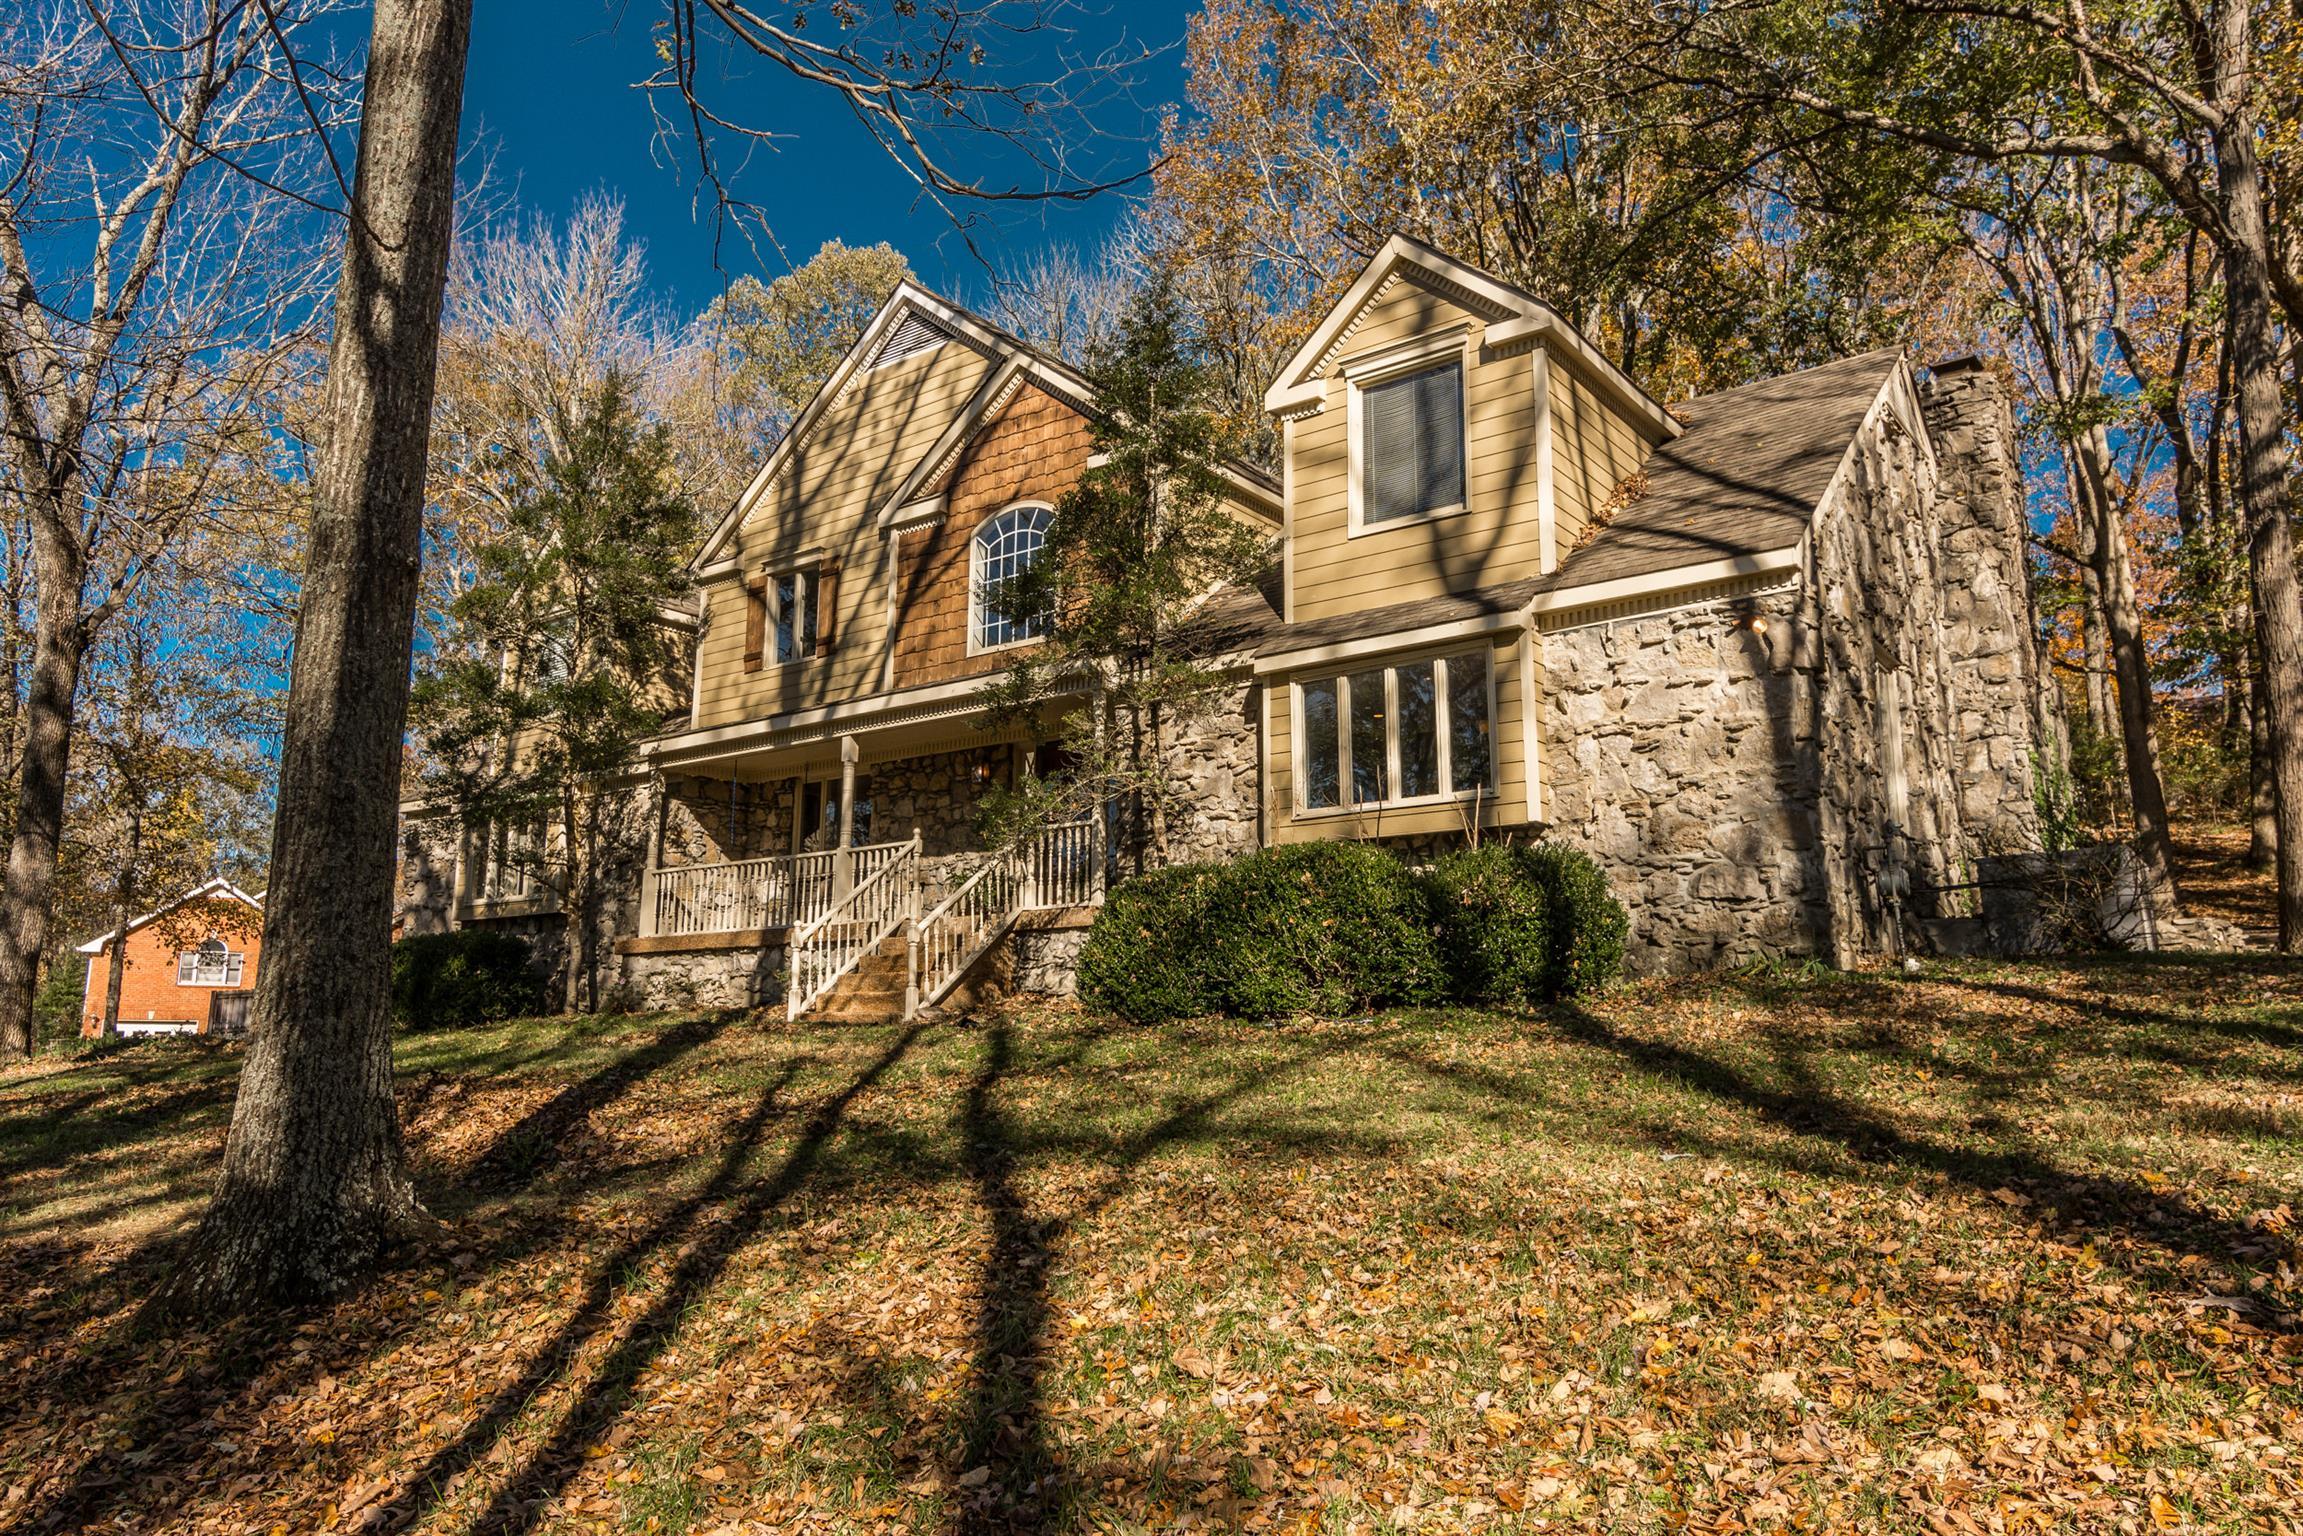 1598 Centerpoint Rd, Hendersonville, TN 37075 - Hendersonville, TN real estate listing